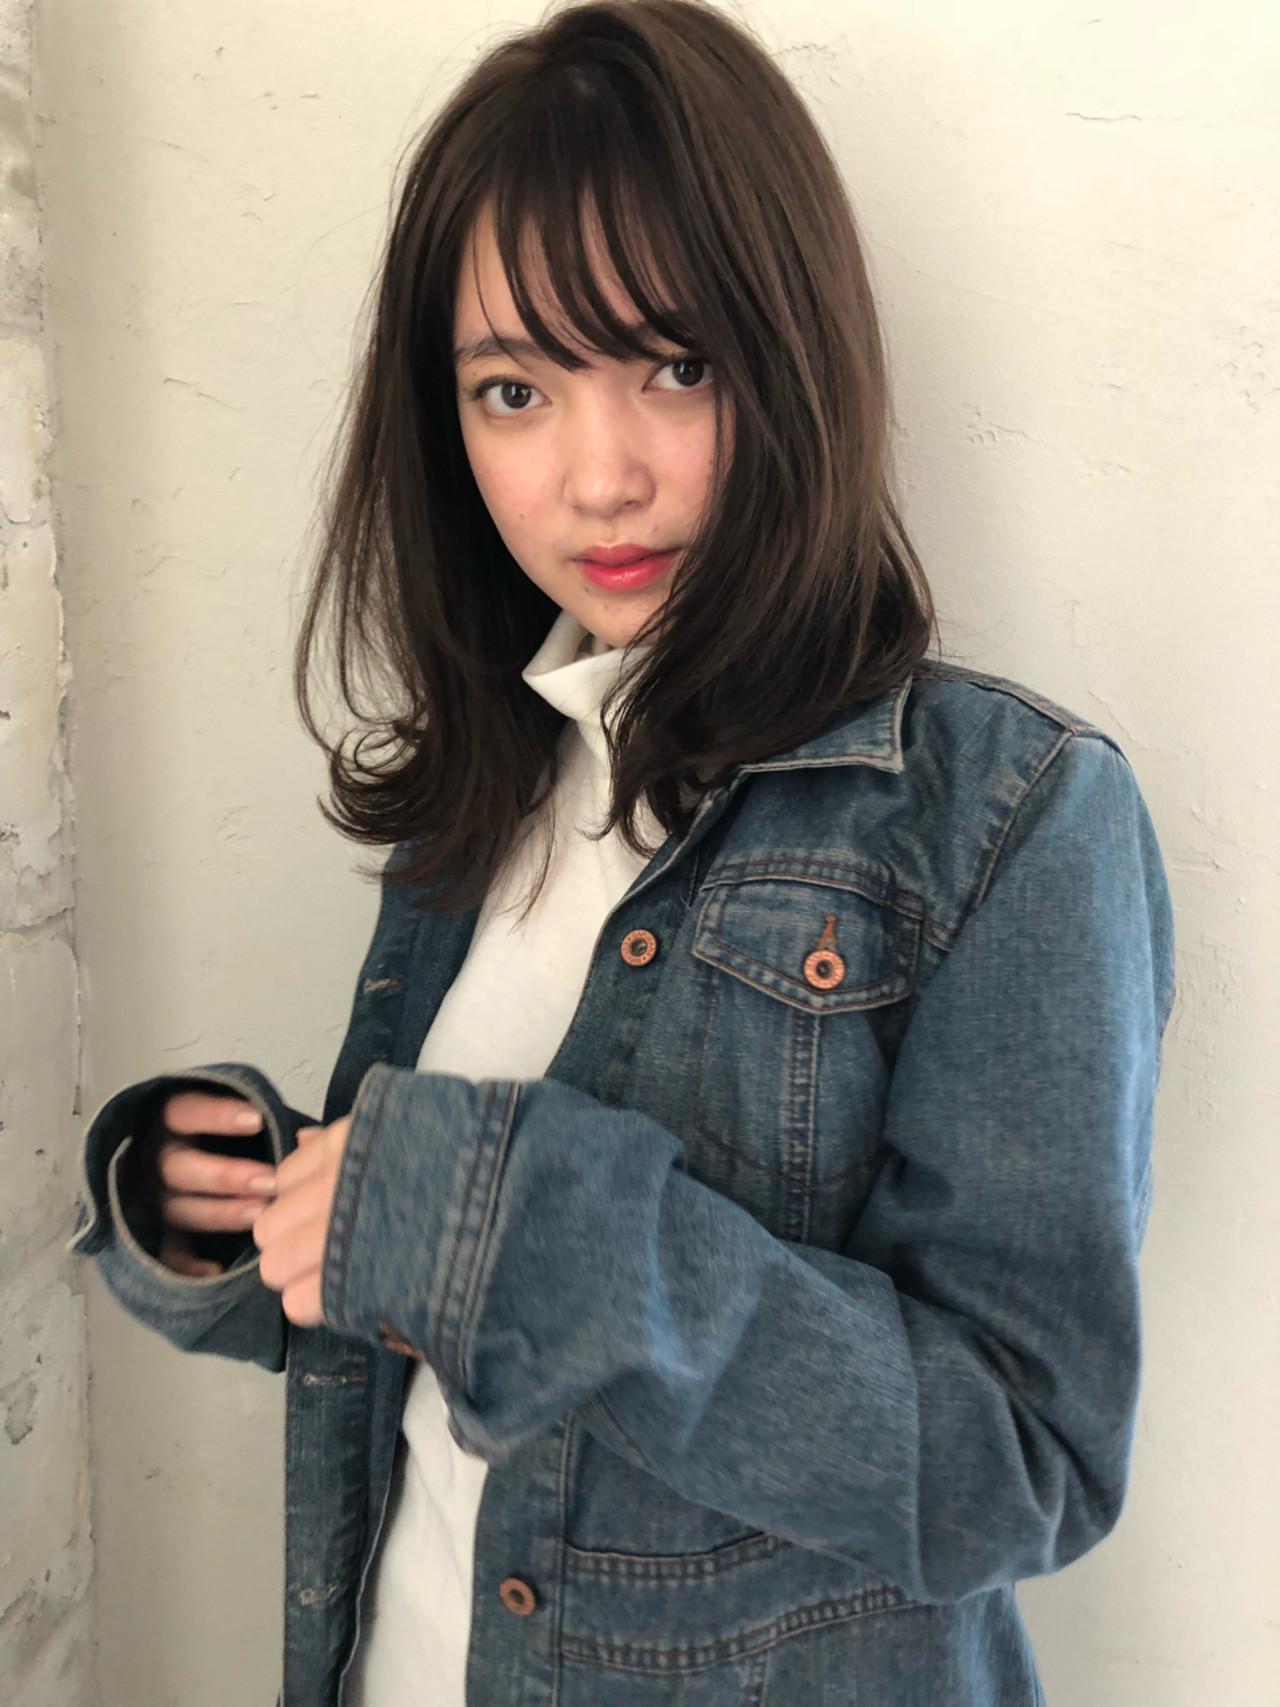 おすすめの前髪ありスタイル② ナガヤ アキラ joemi 新宿 | joemi by Un ami